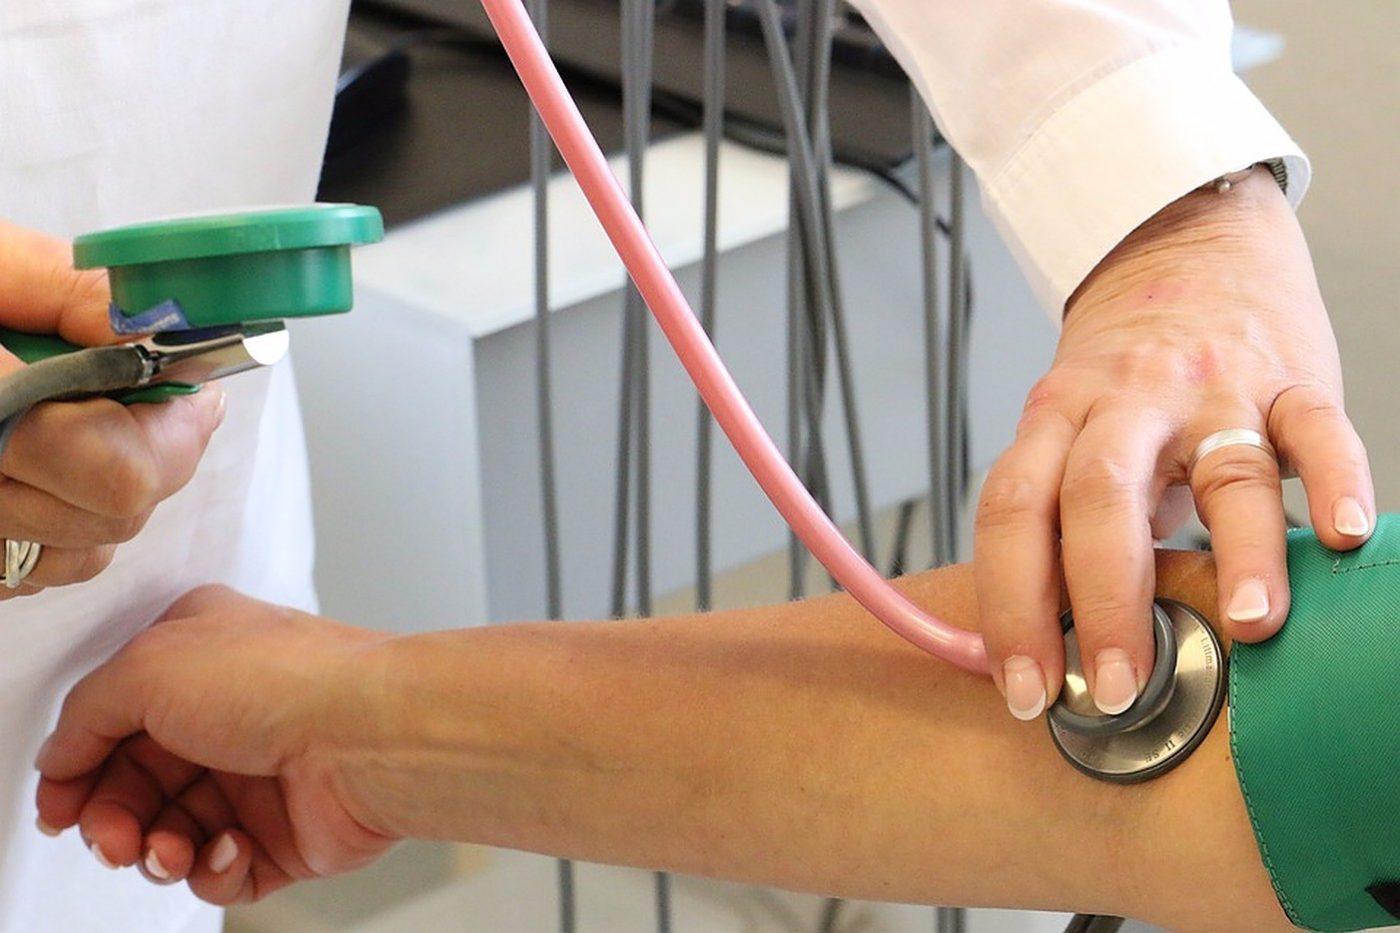 lijek hipertenzija starije osobe